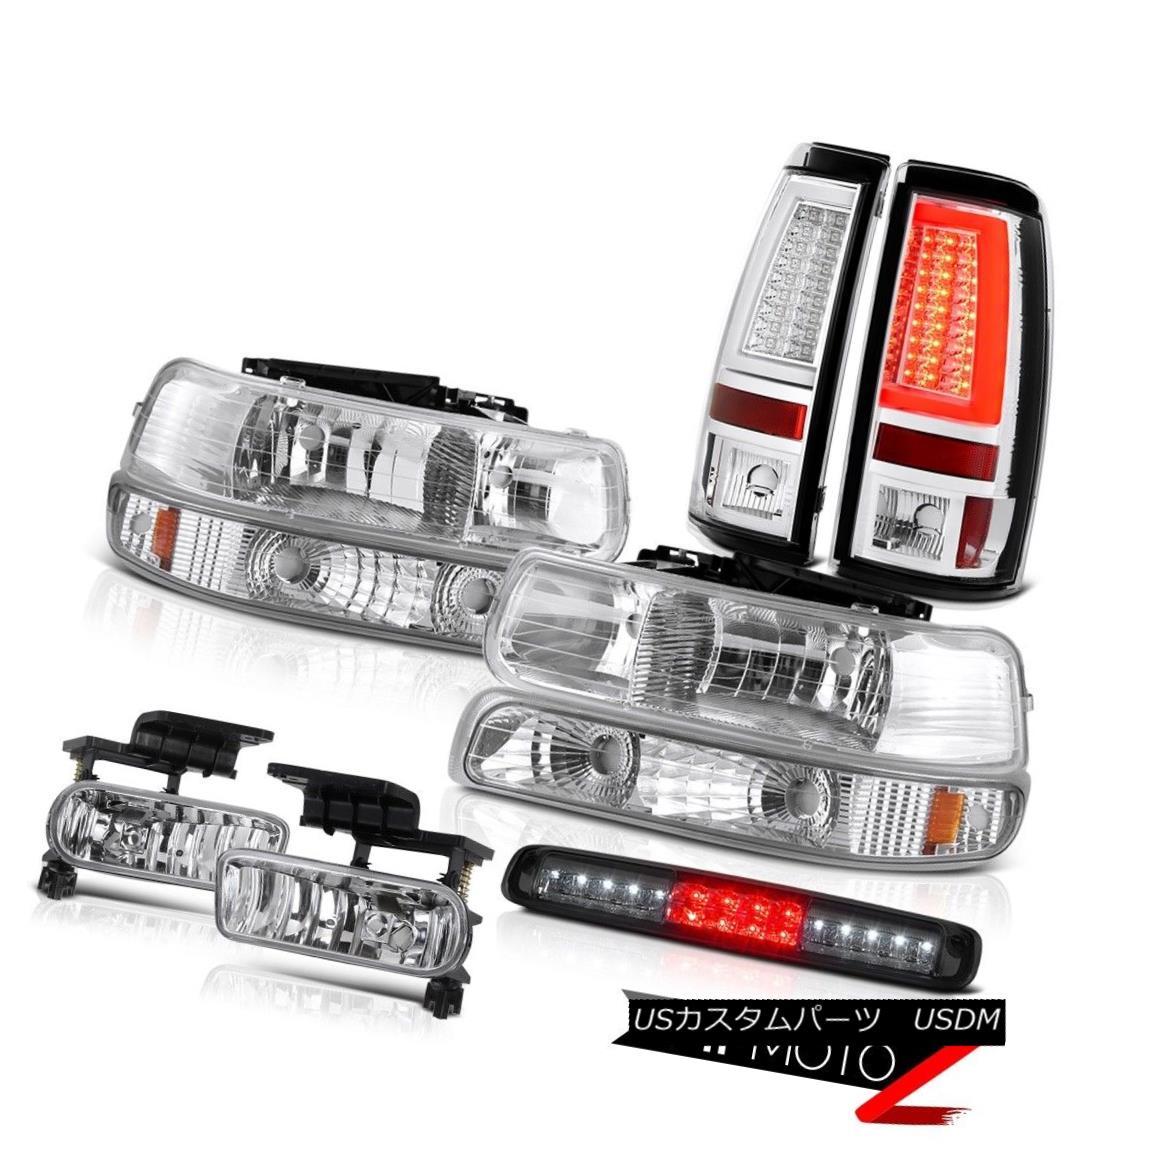 テールライト 99-02 Silverado LT Tail Lamps Roof Cargo Light Headlamps Foglights Tron Style 99-02 Silverado LTテールランプ屋根貨物ライトヘッドランプFoglights Tronスタイル